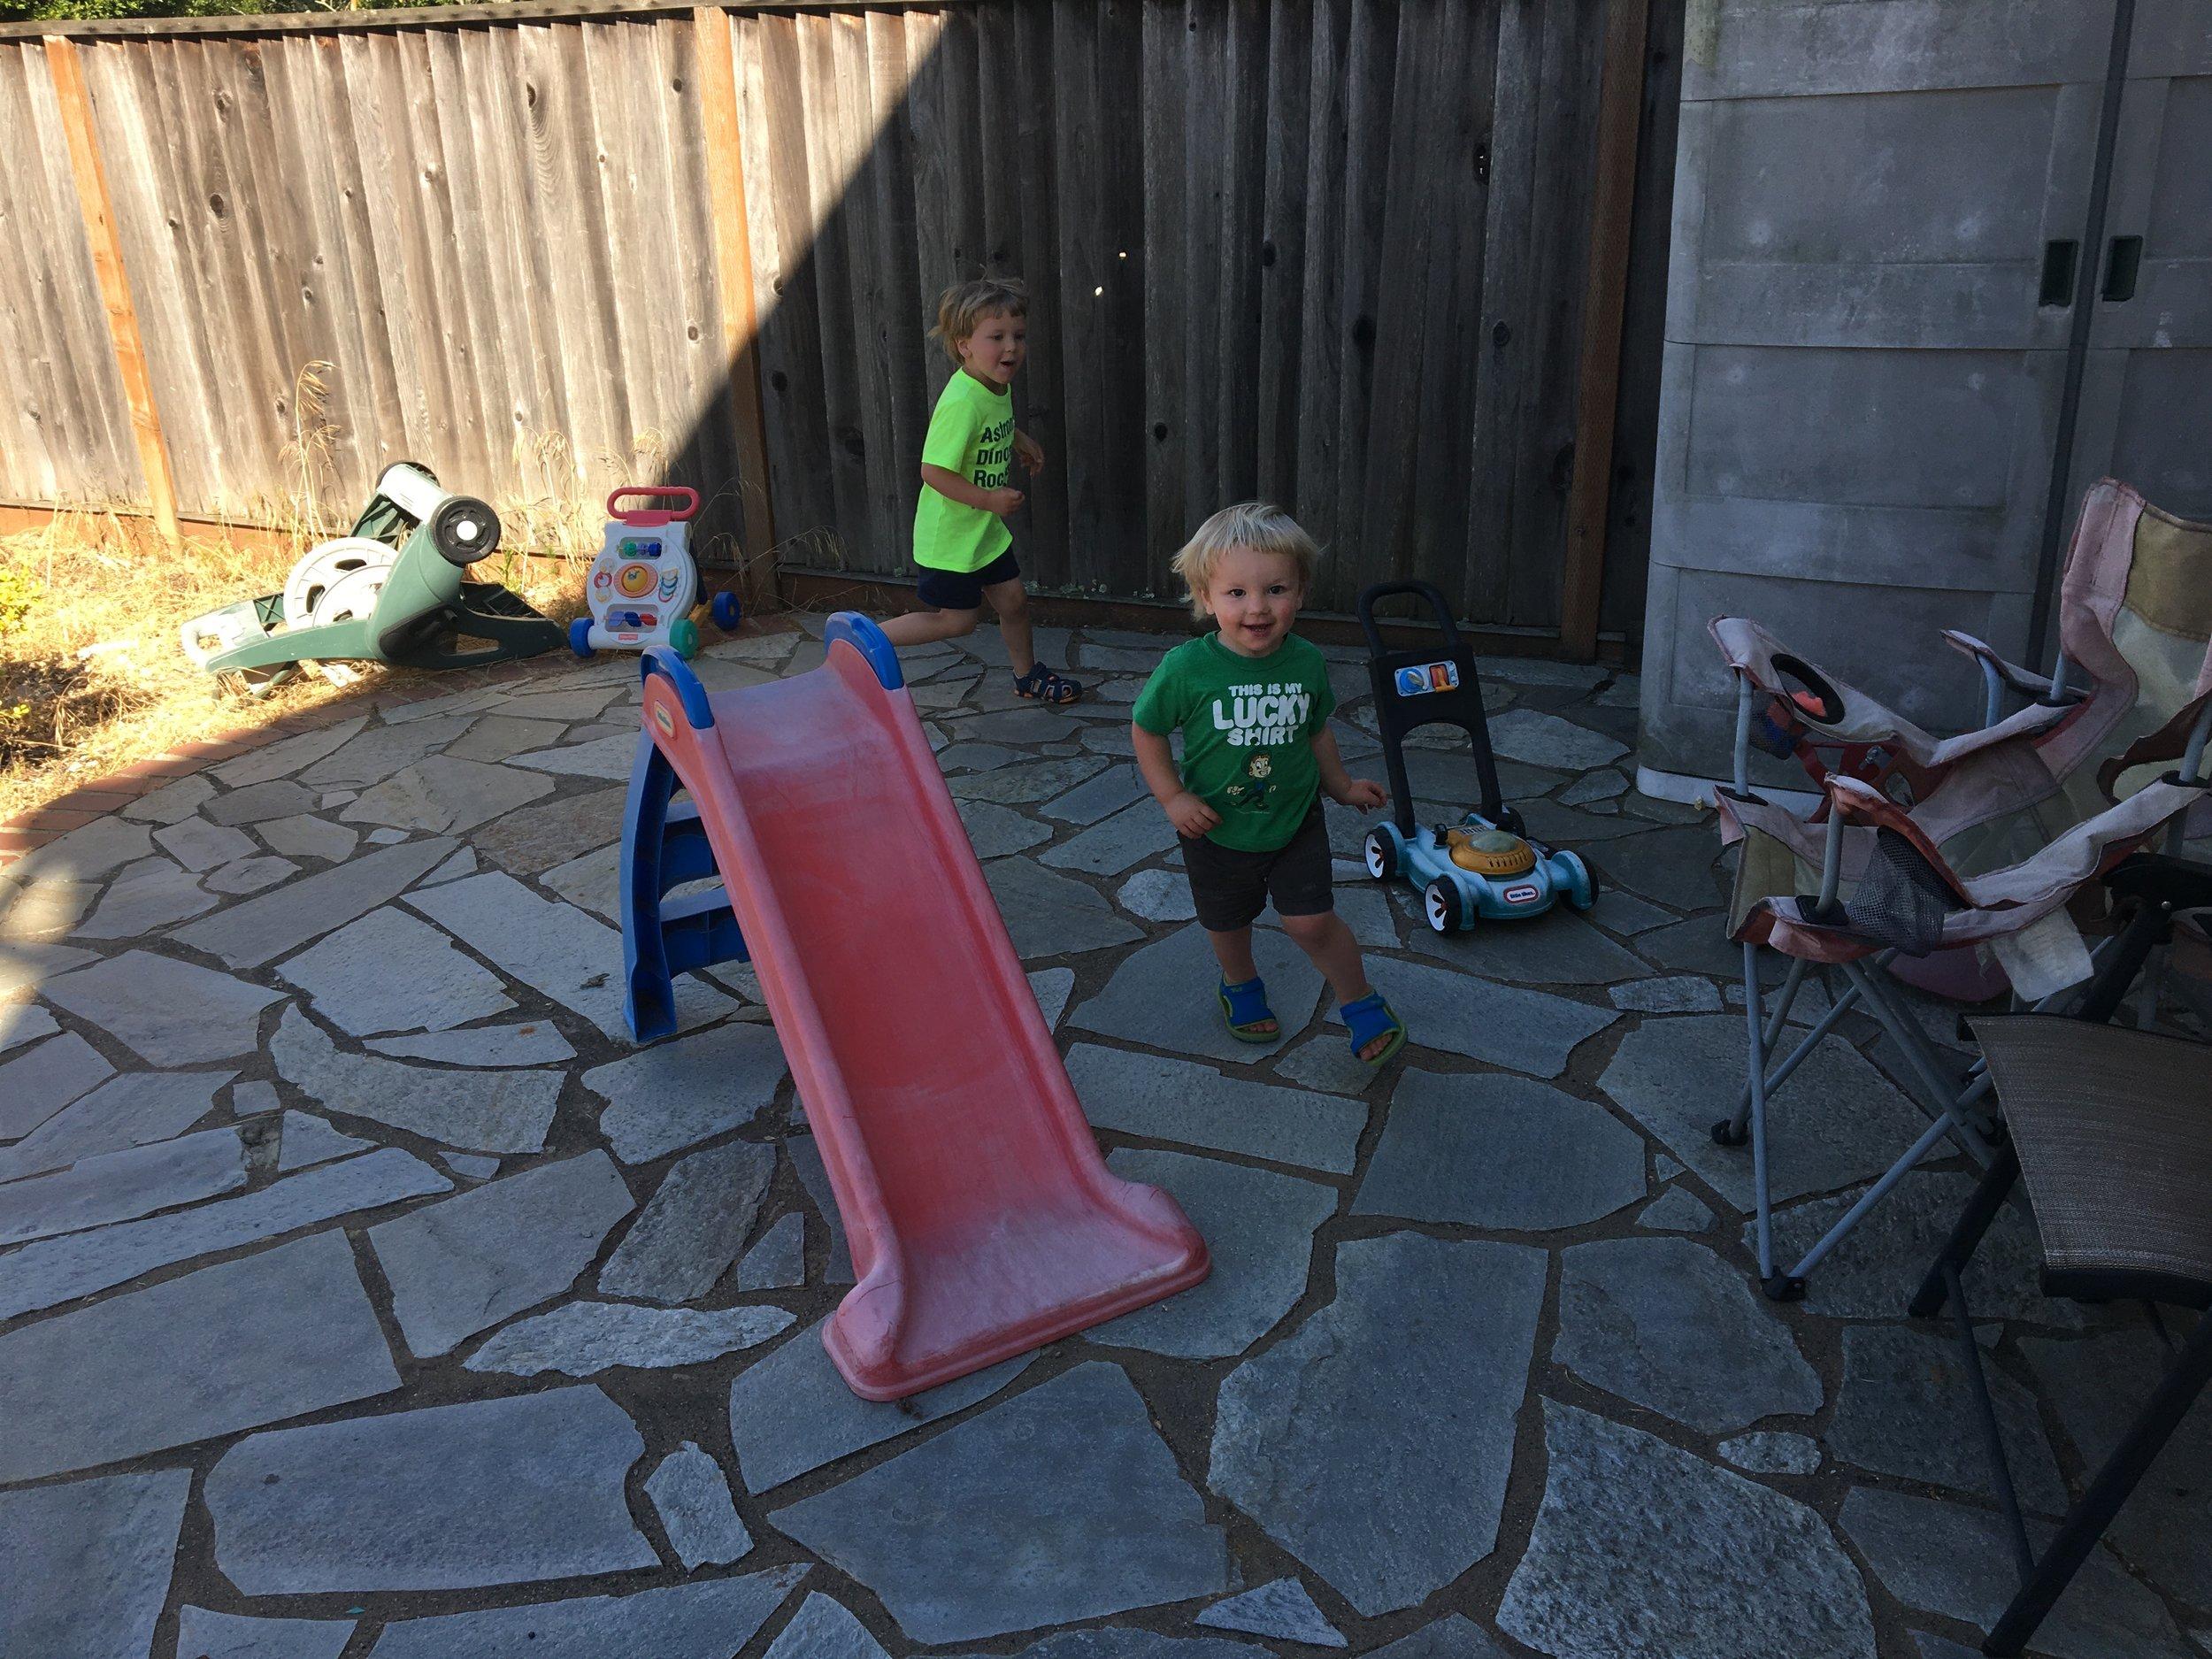 Backyard shenanigans